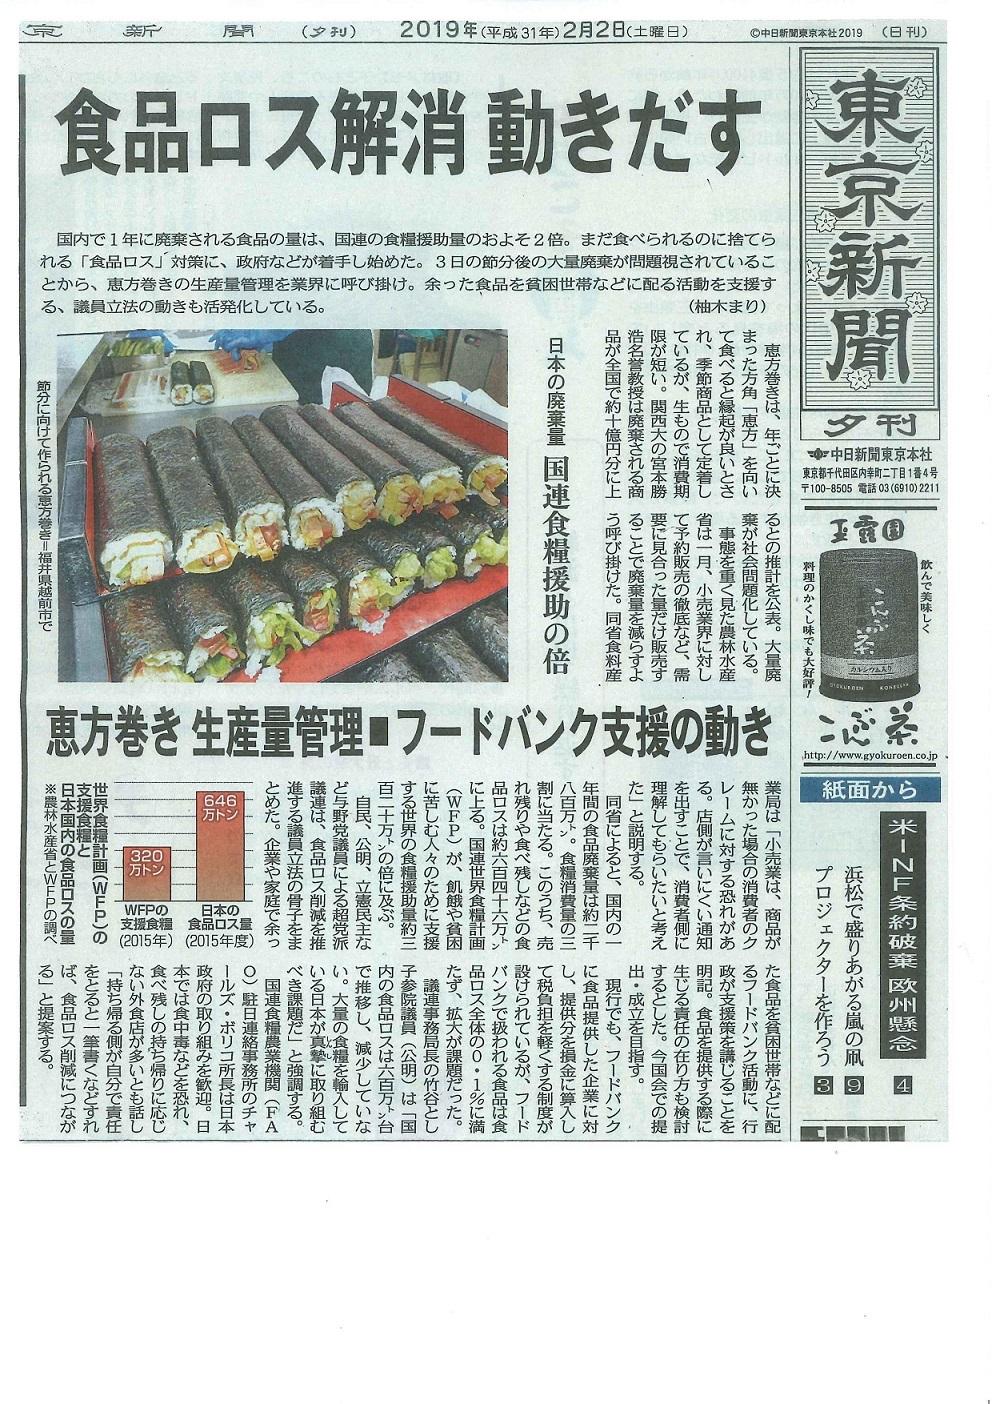 東京新聞夕刊 2019.2.2(カラー).jpg